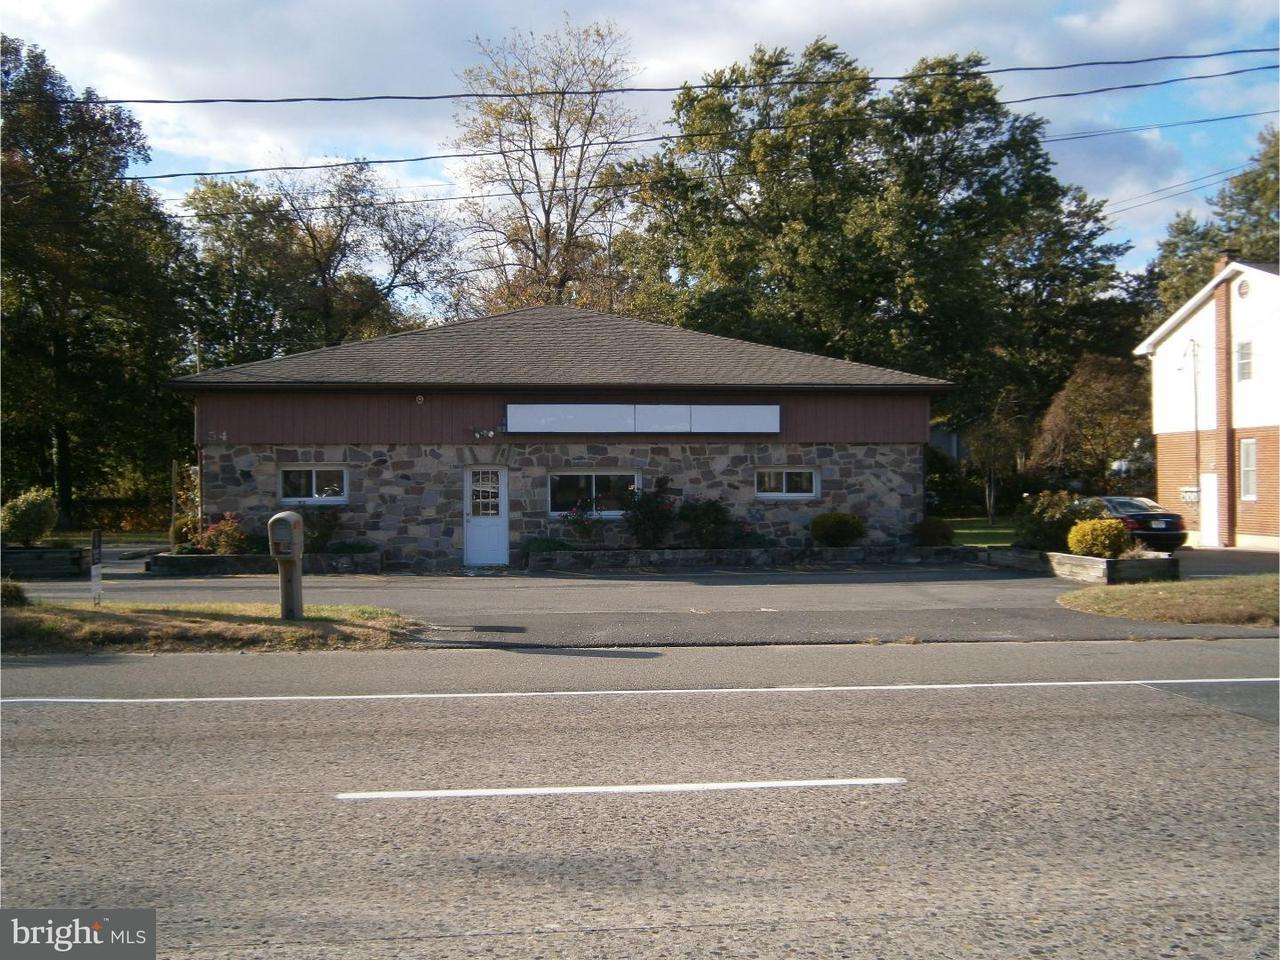 Частный односемейный дом для того Продажа на 54 ROUTE 130 Bordentown, Нью-Джерси 08620 Соединенные Штаты